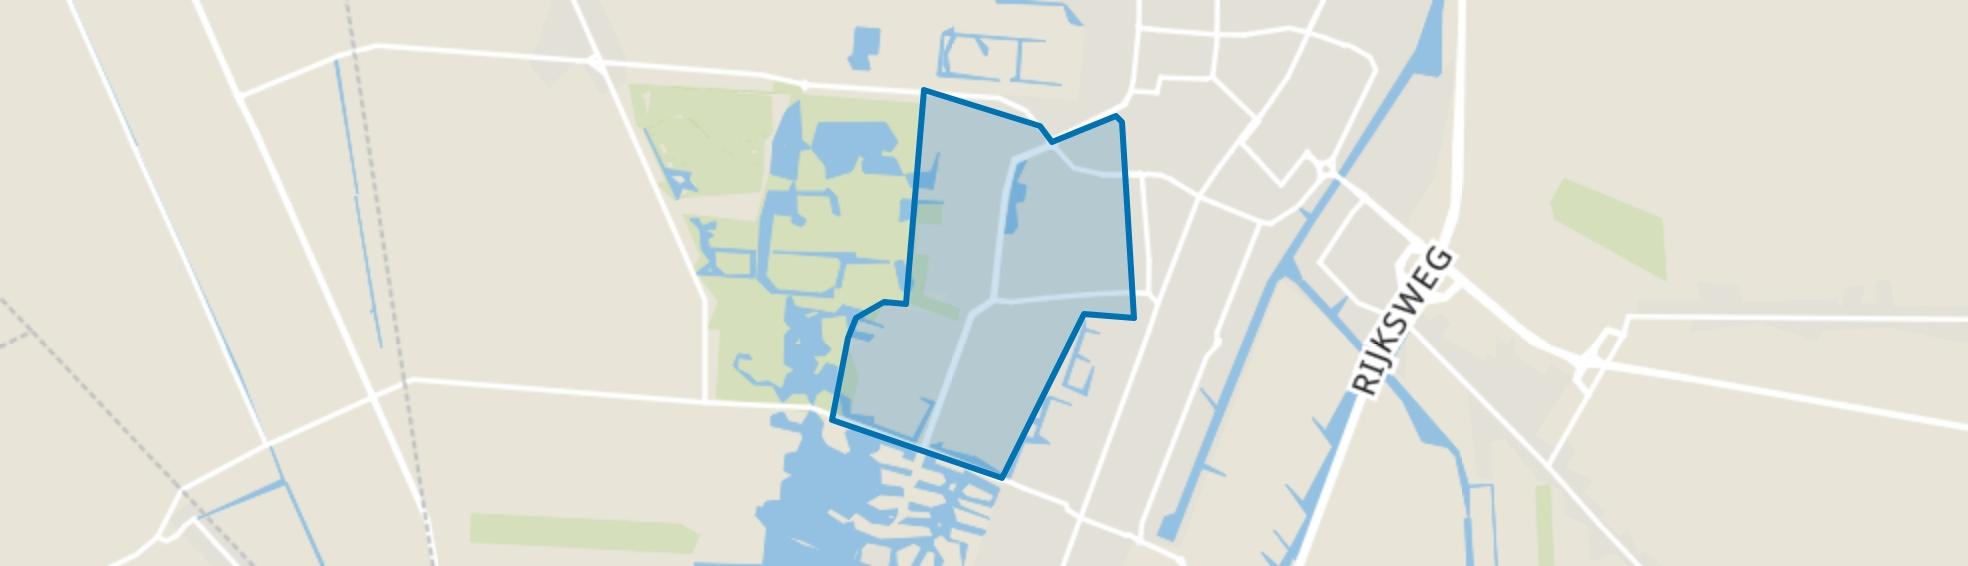 Veendam-Sorghvliet, Veendam map